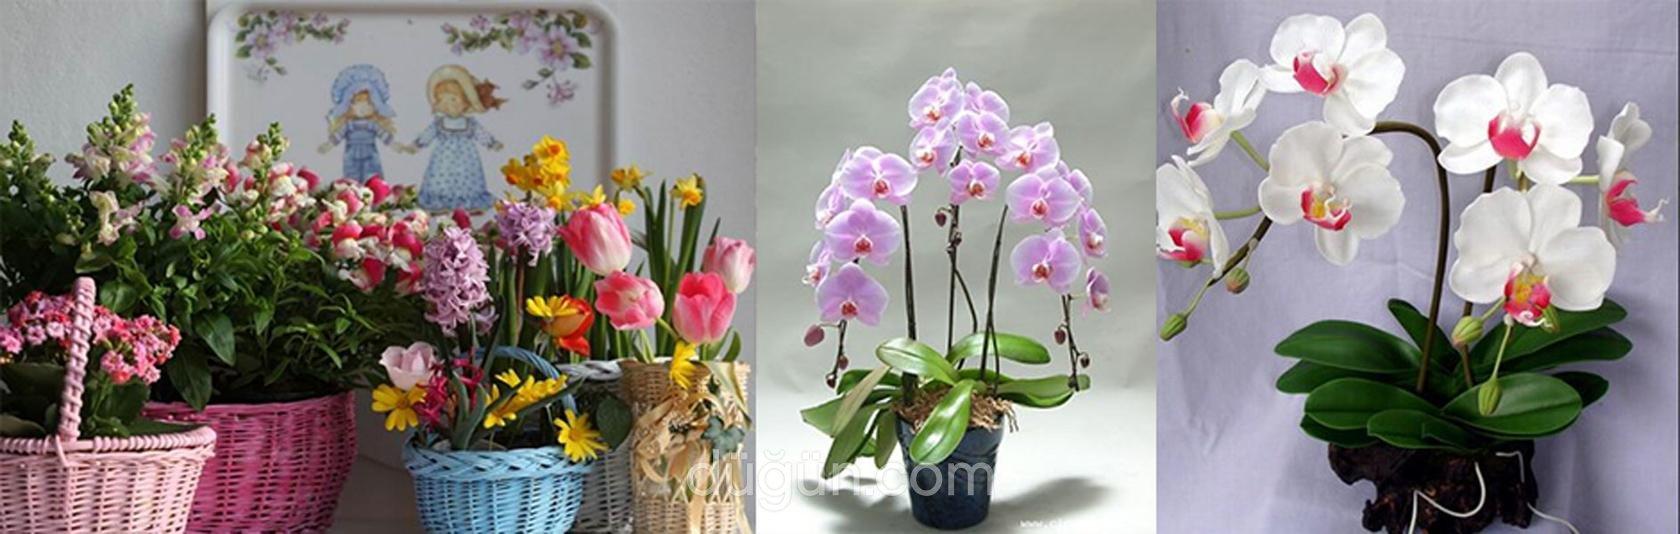 Sarmaşık Çiçekçilik